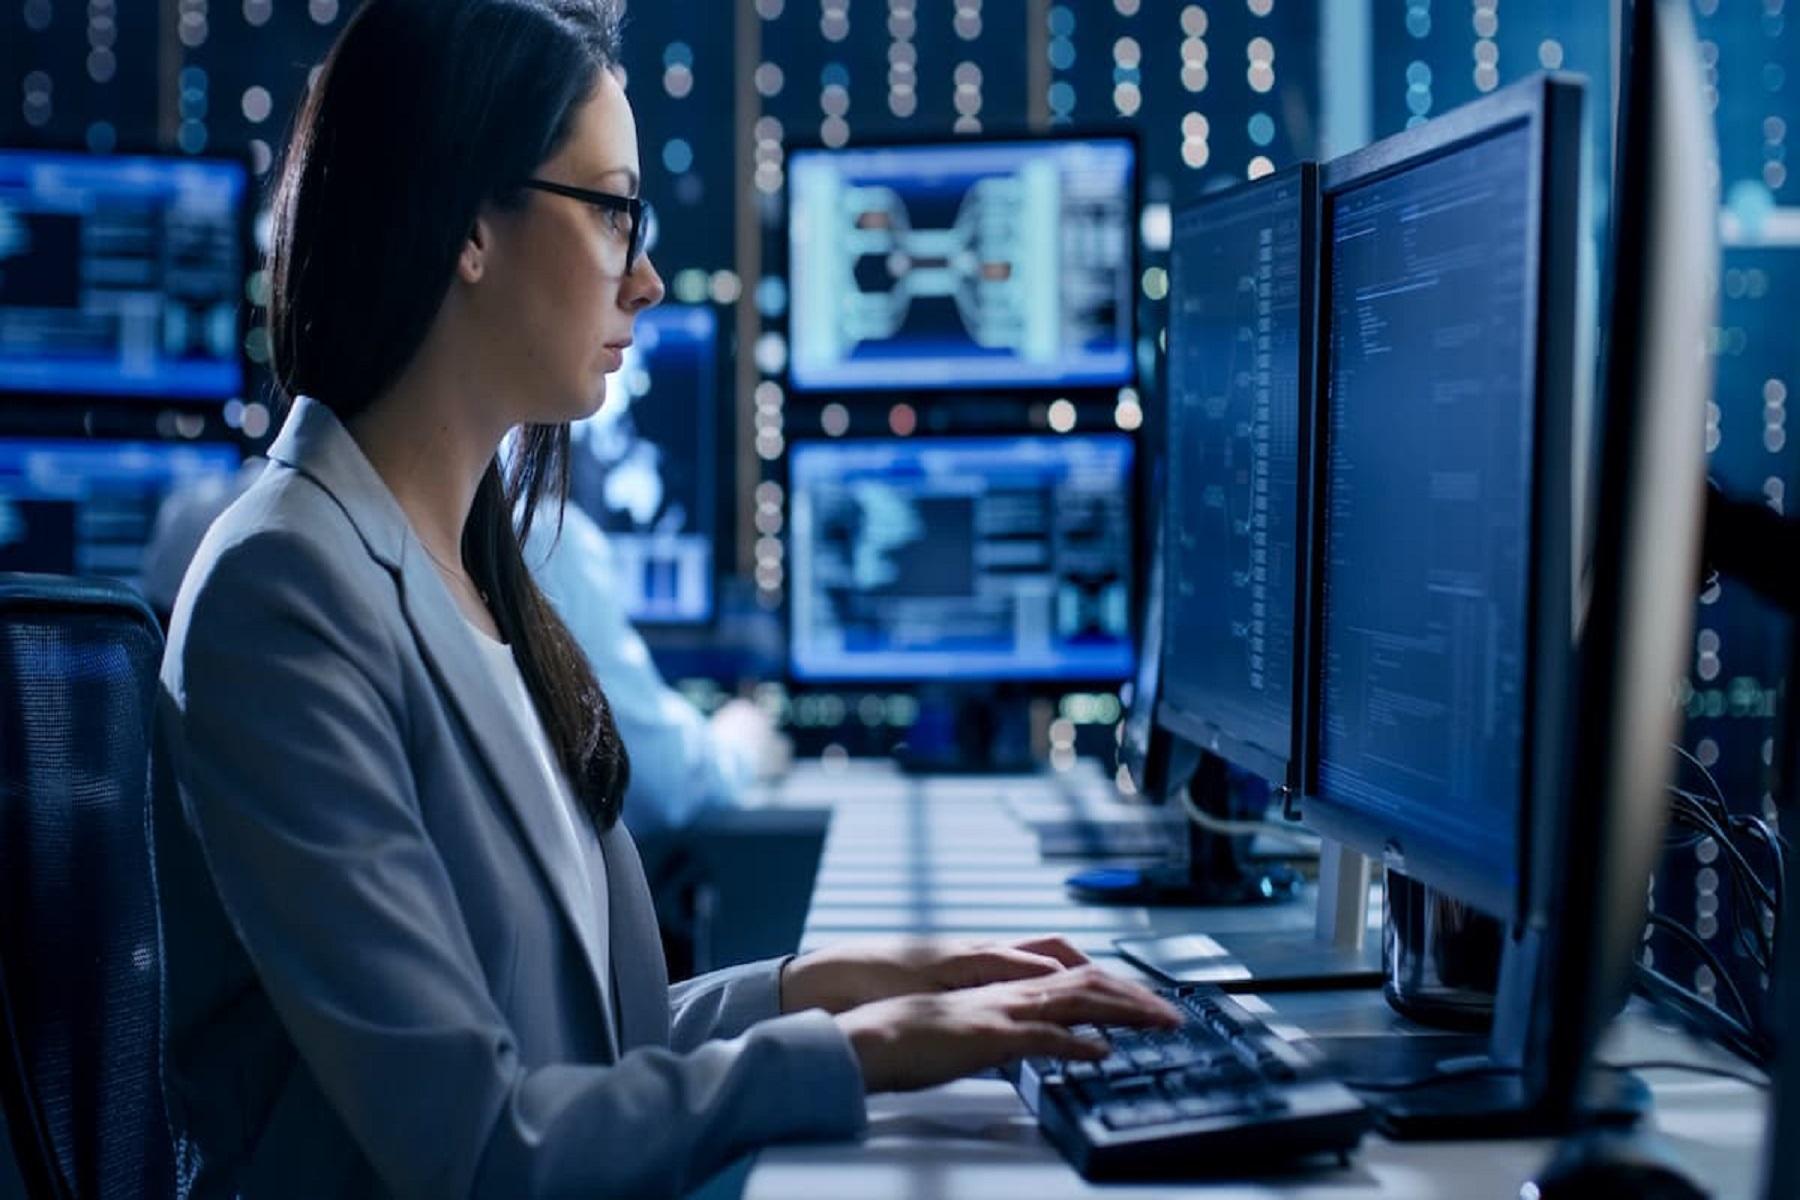 Ασφάλεια Διαδίκτυο: Ένα χάσμα δεξιοτήτων στον κυβερνοχώρο συνεχίζει να αυξάνεται, αφήνοντας τις επιχειρήσεις εκτεθειμένες